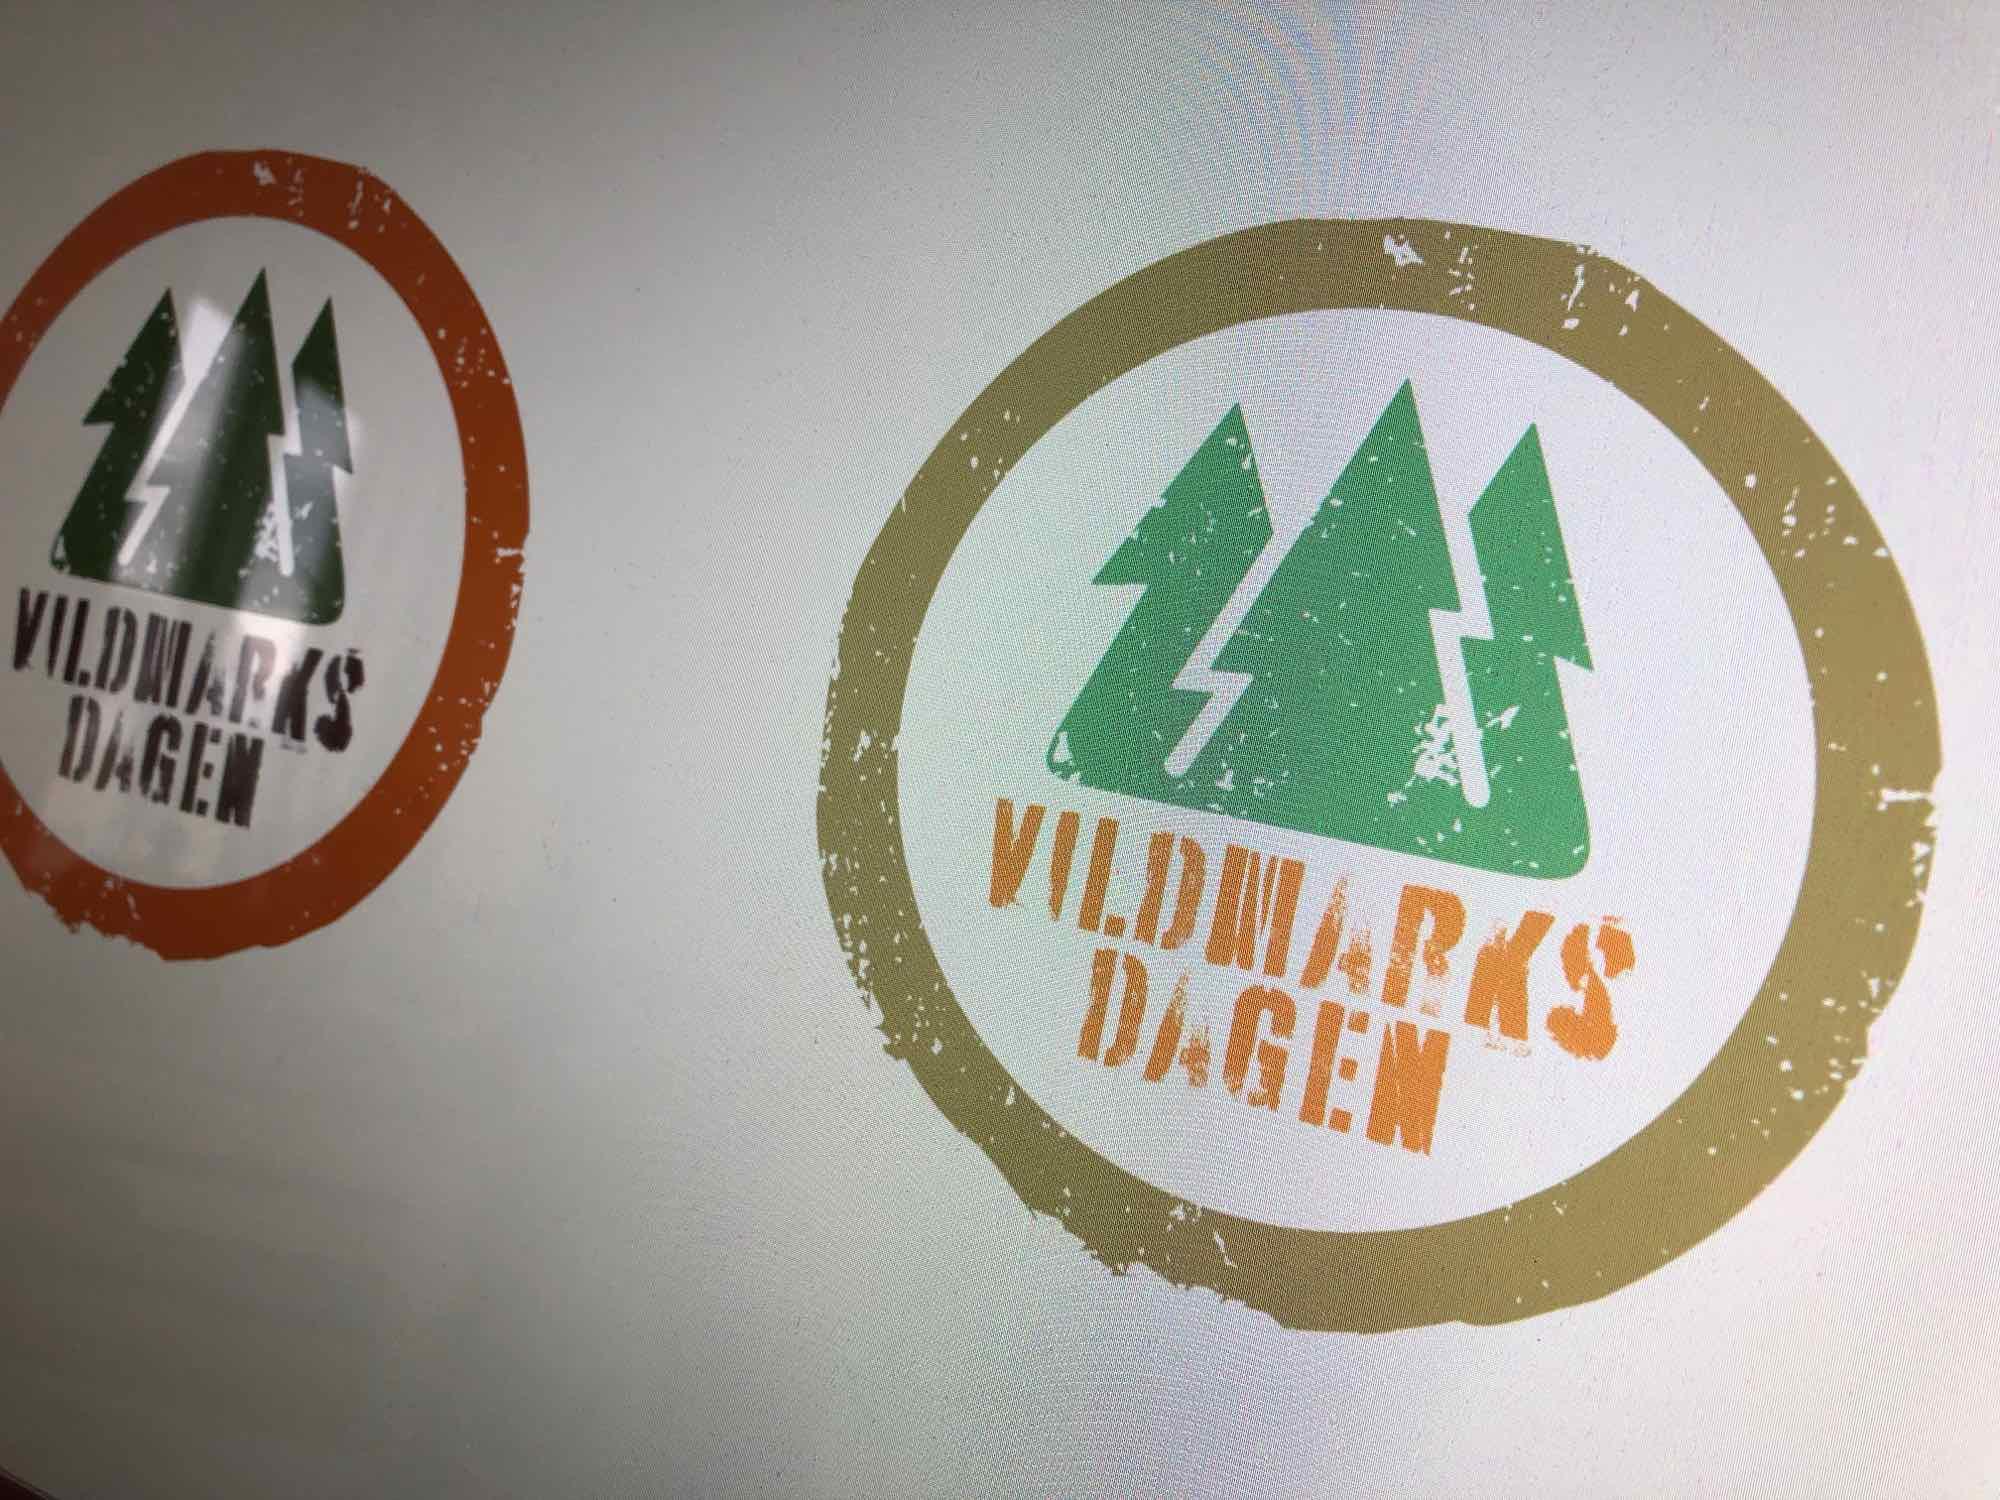 vildmarksdagen design - 3.jpg